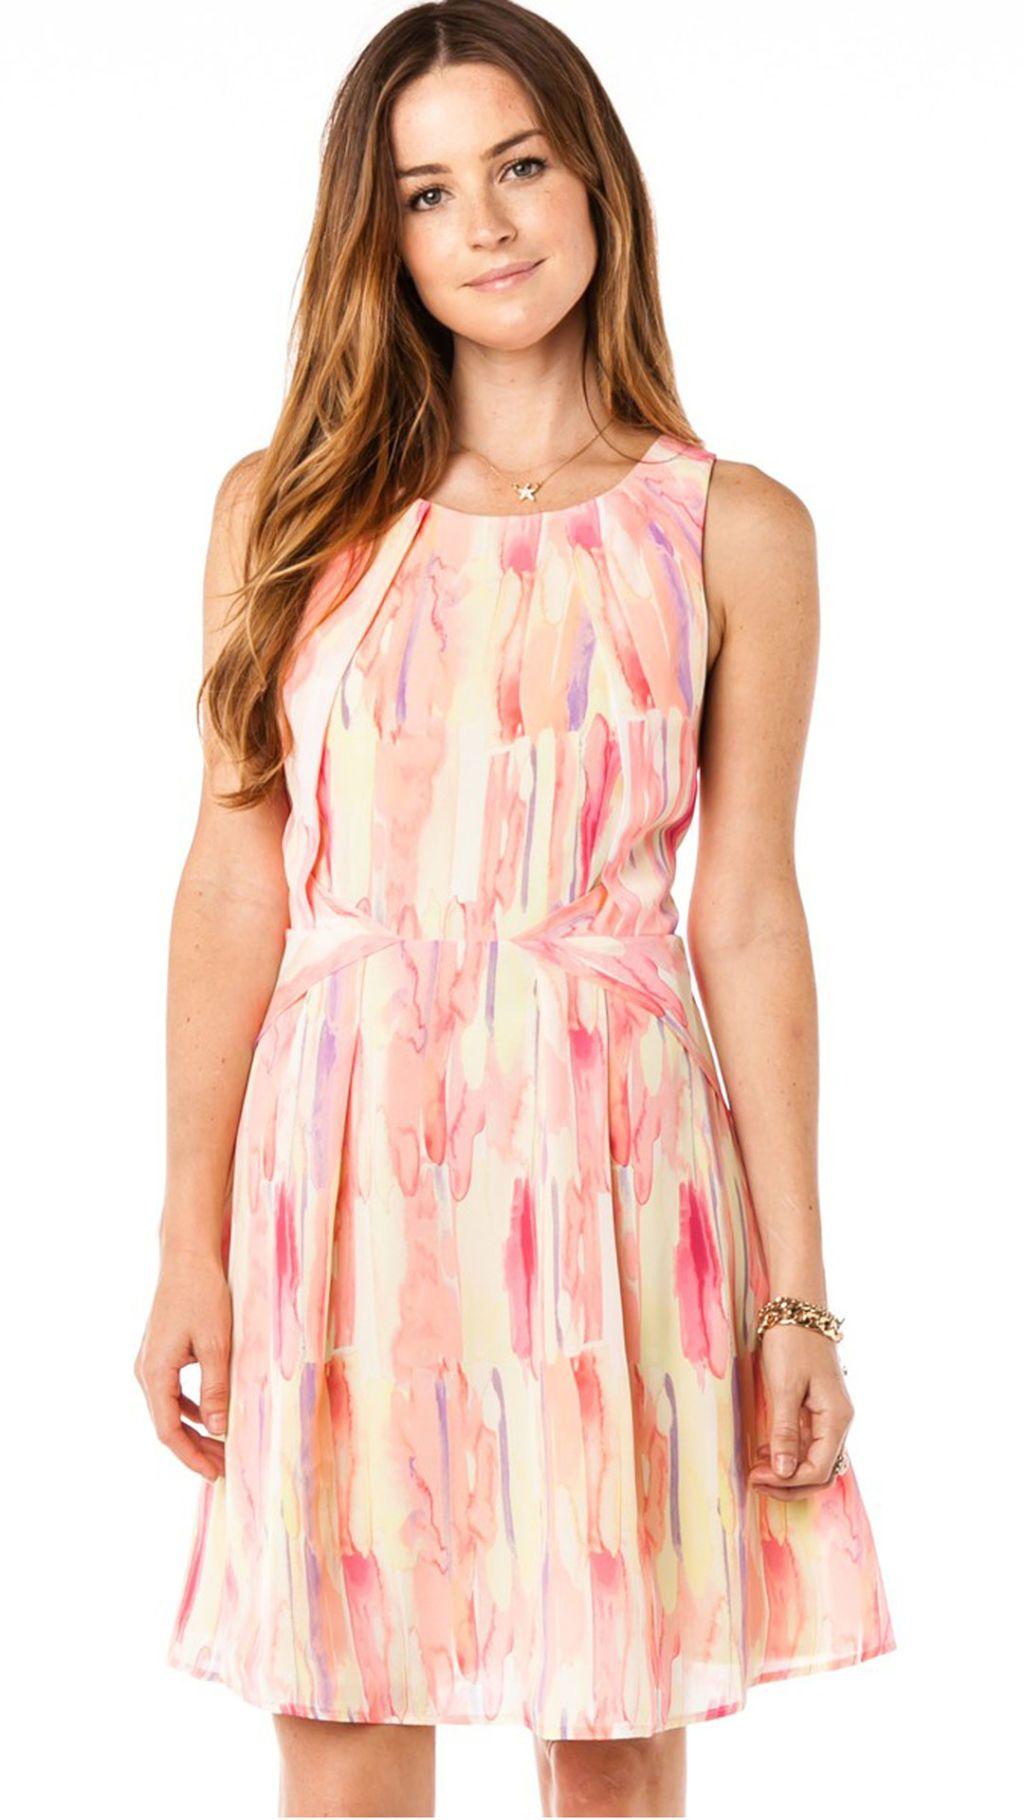 Summer Dresses - Cute Summer Dress Under $100